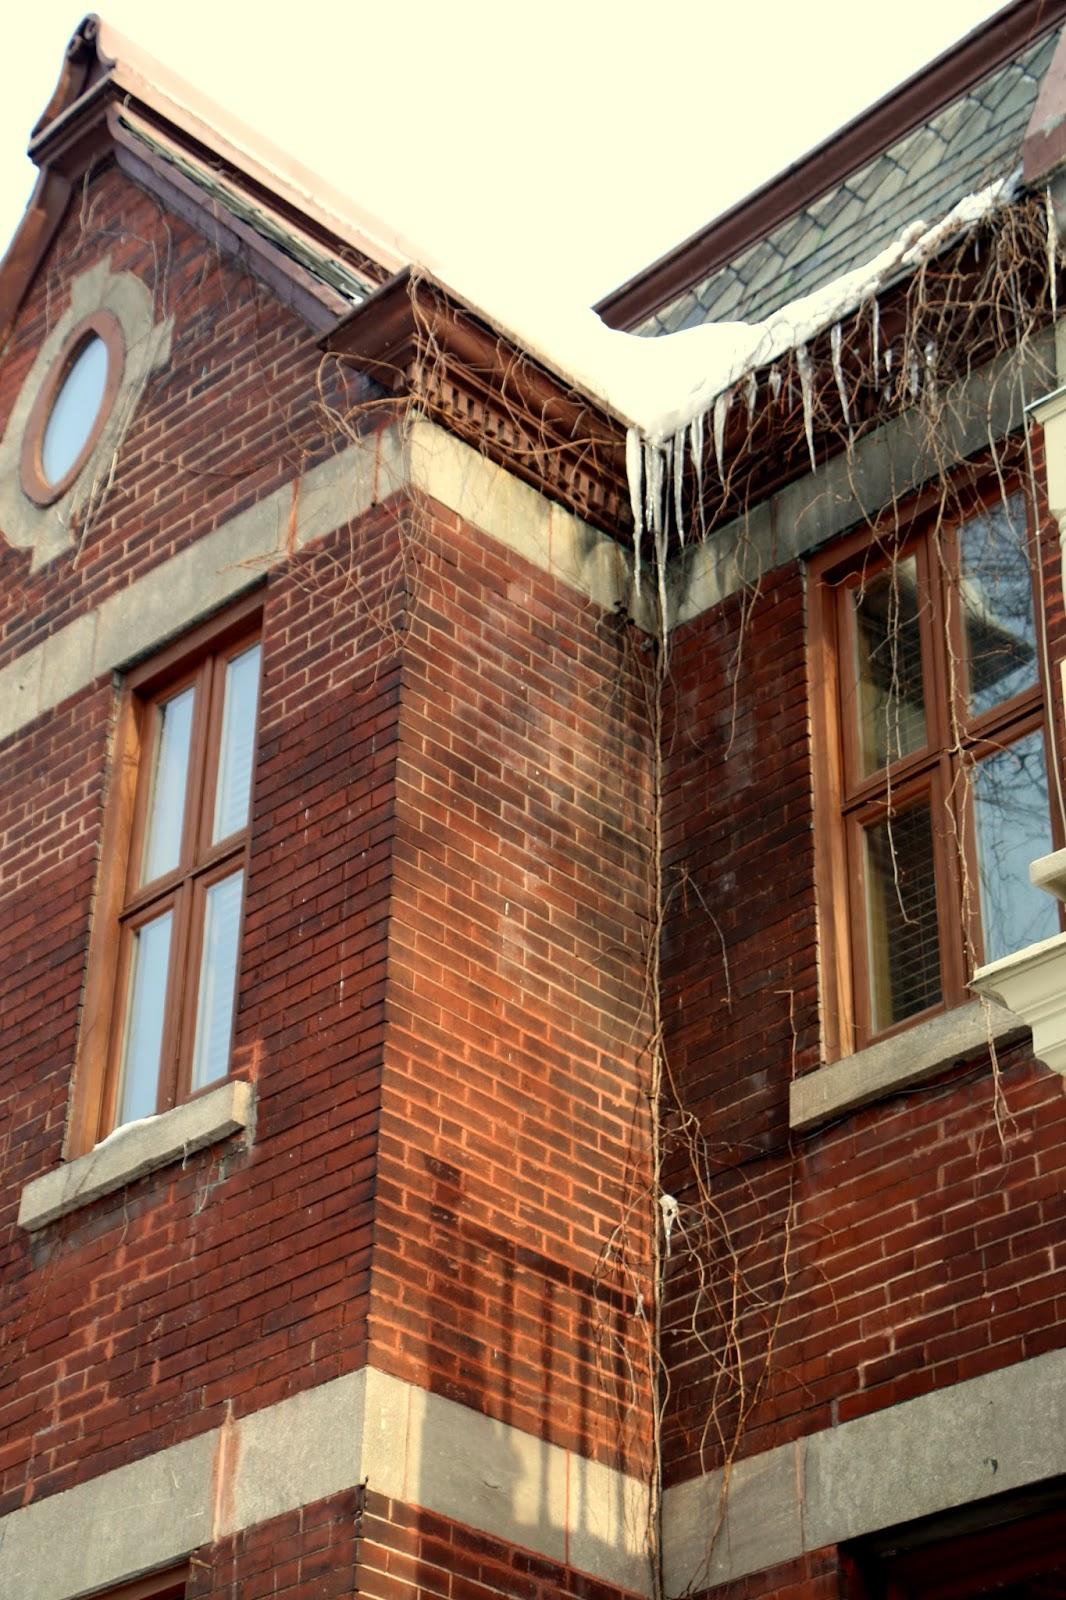 Collection d'hiver- Les Toits-2- Westmount, Montréal, Québec, Canada Photo: Shahrzad Ghaffari,MVM, 18 FEV.2015